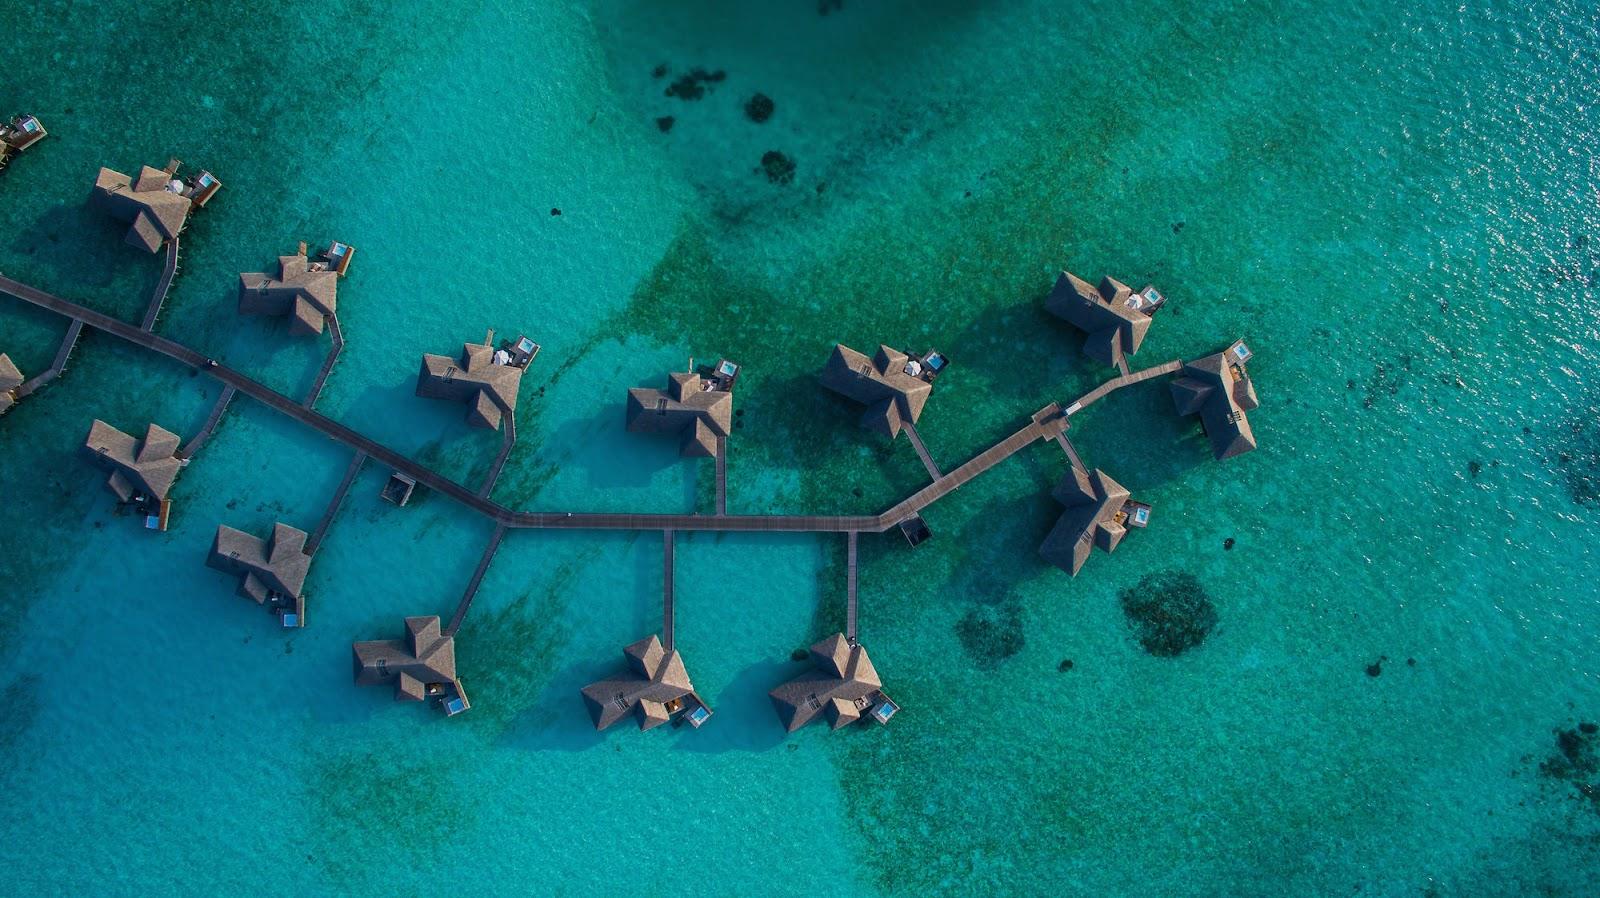 raj | wakacje | podrozowanie | jak zorganizowac podroz